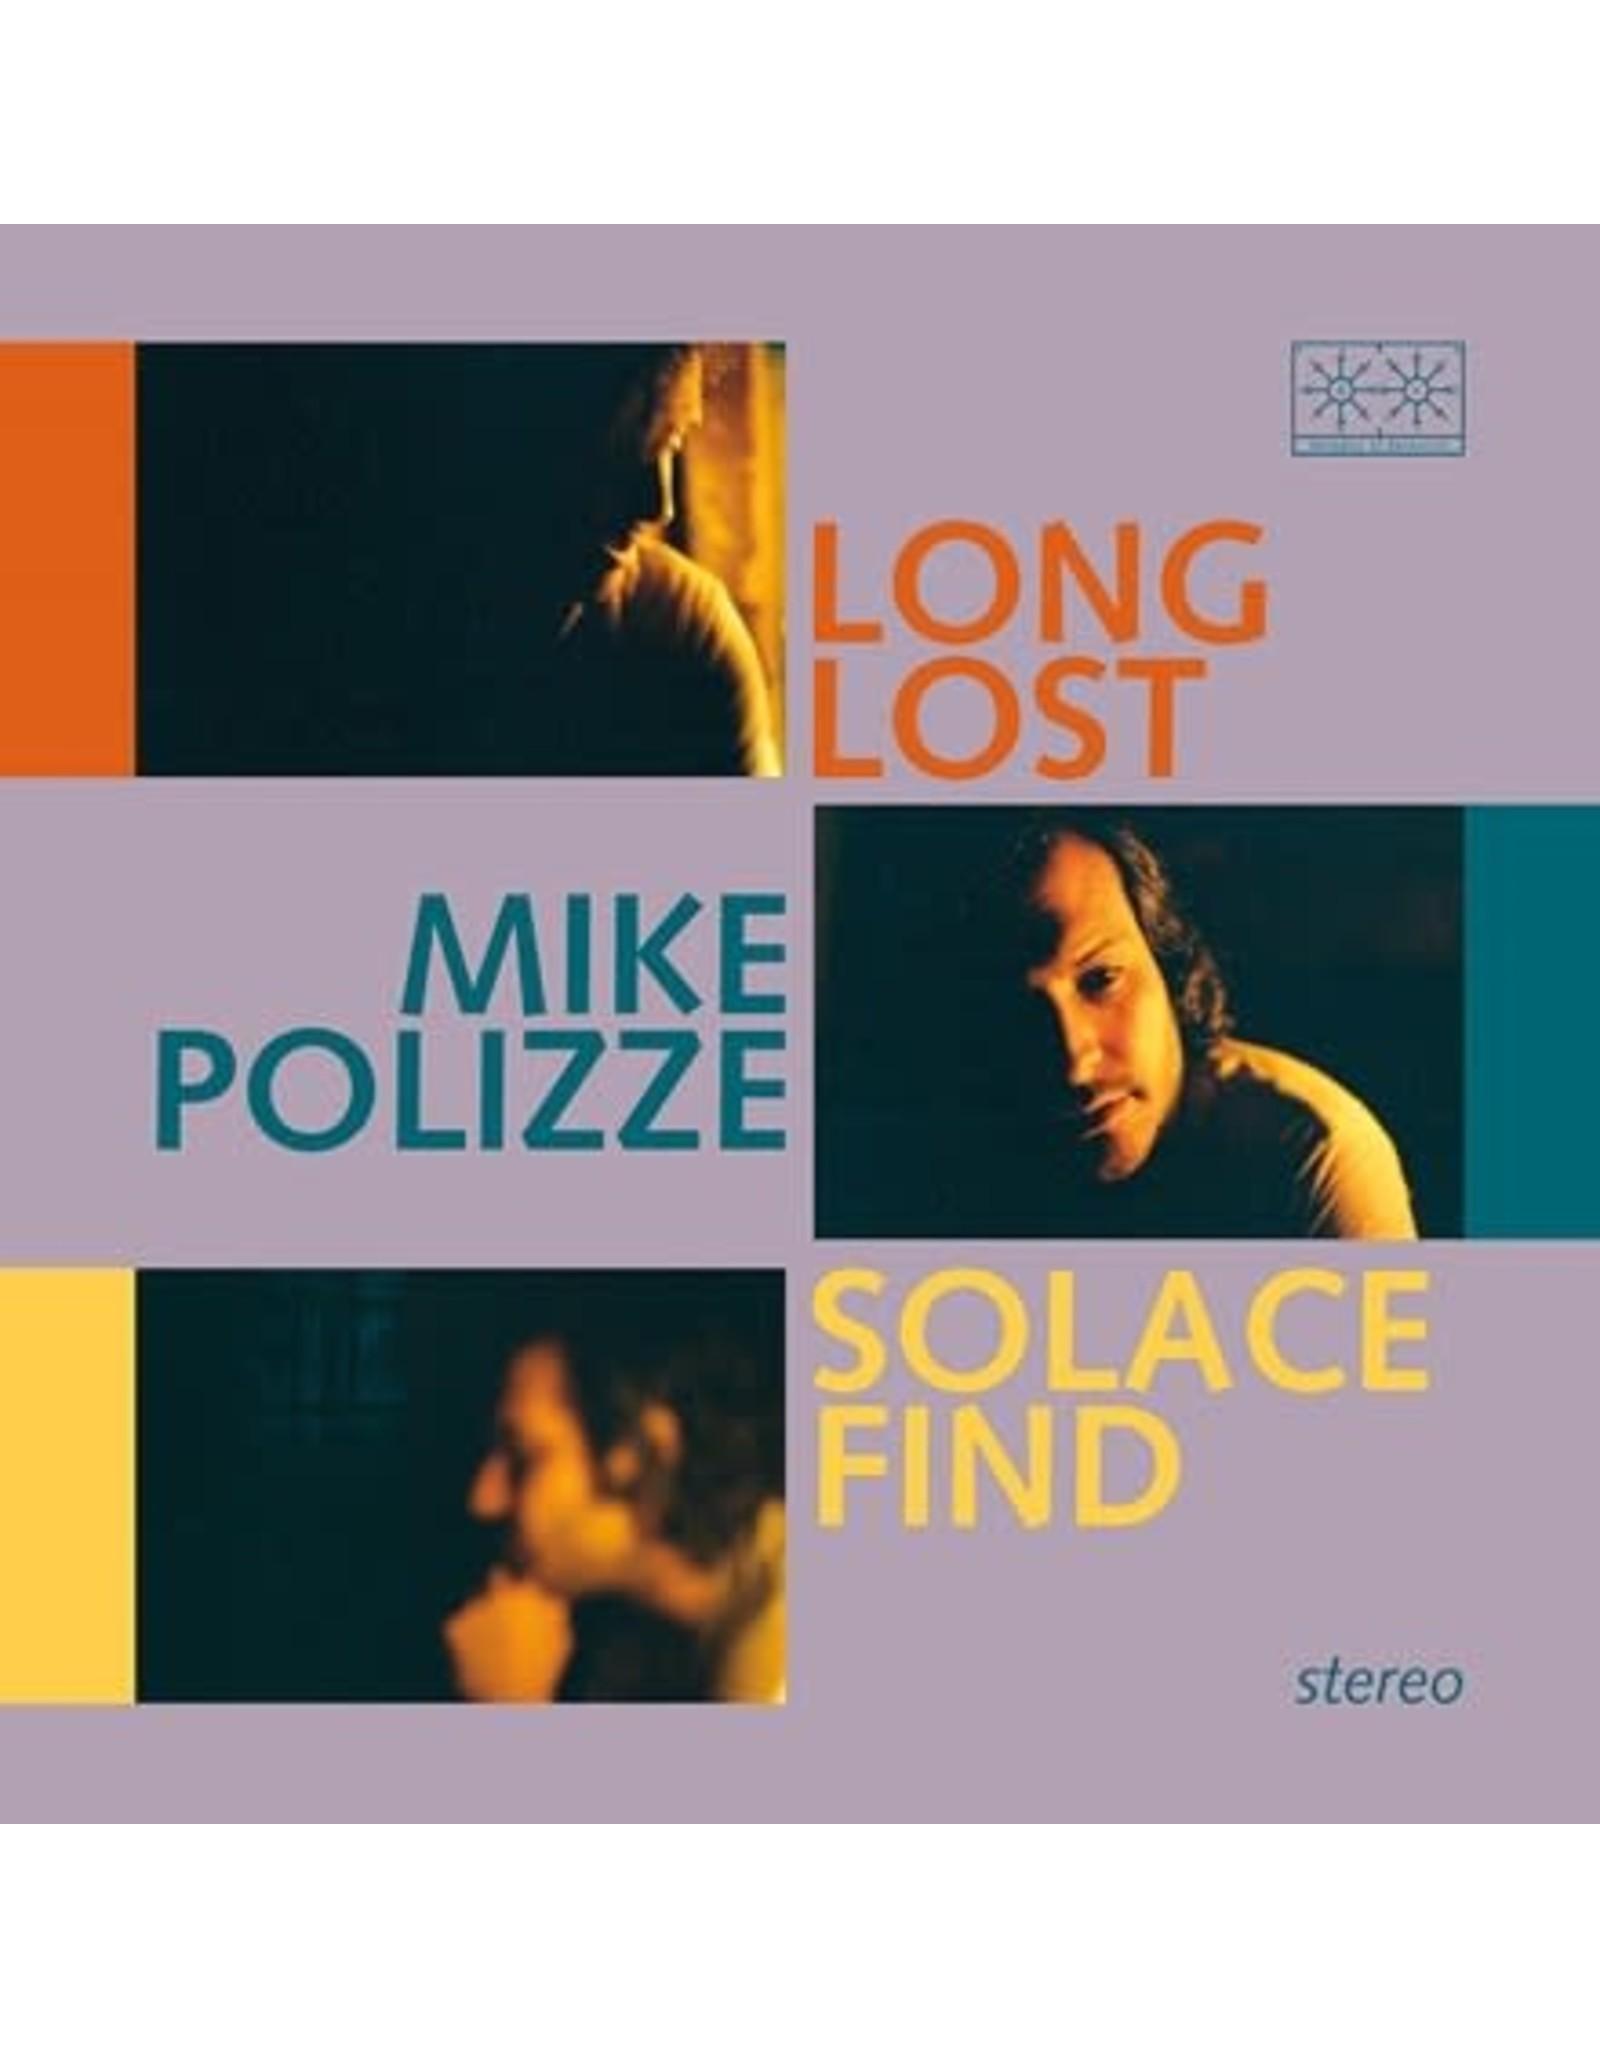 Paradise of Bachelors Polizze, Mike: Long Lost Solace Find (transparent blue vinyl) LP